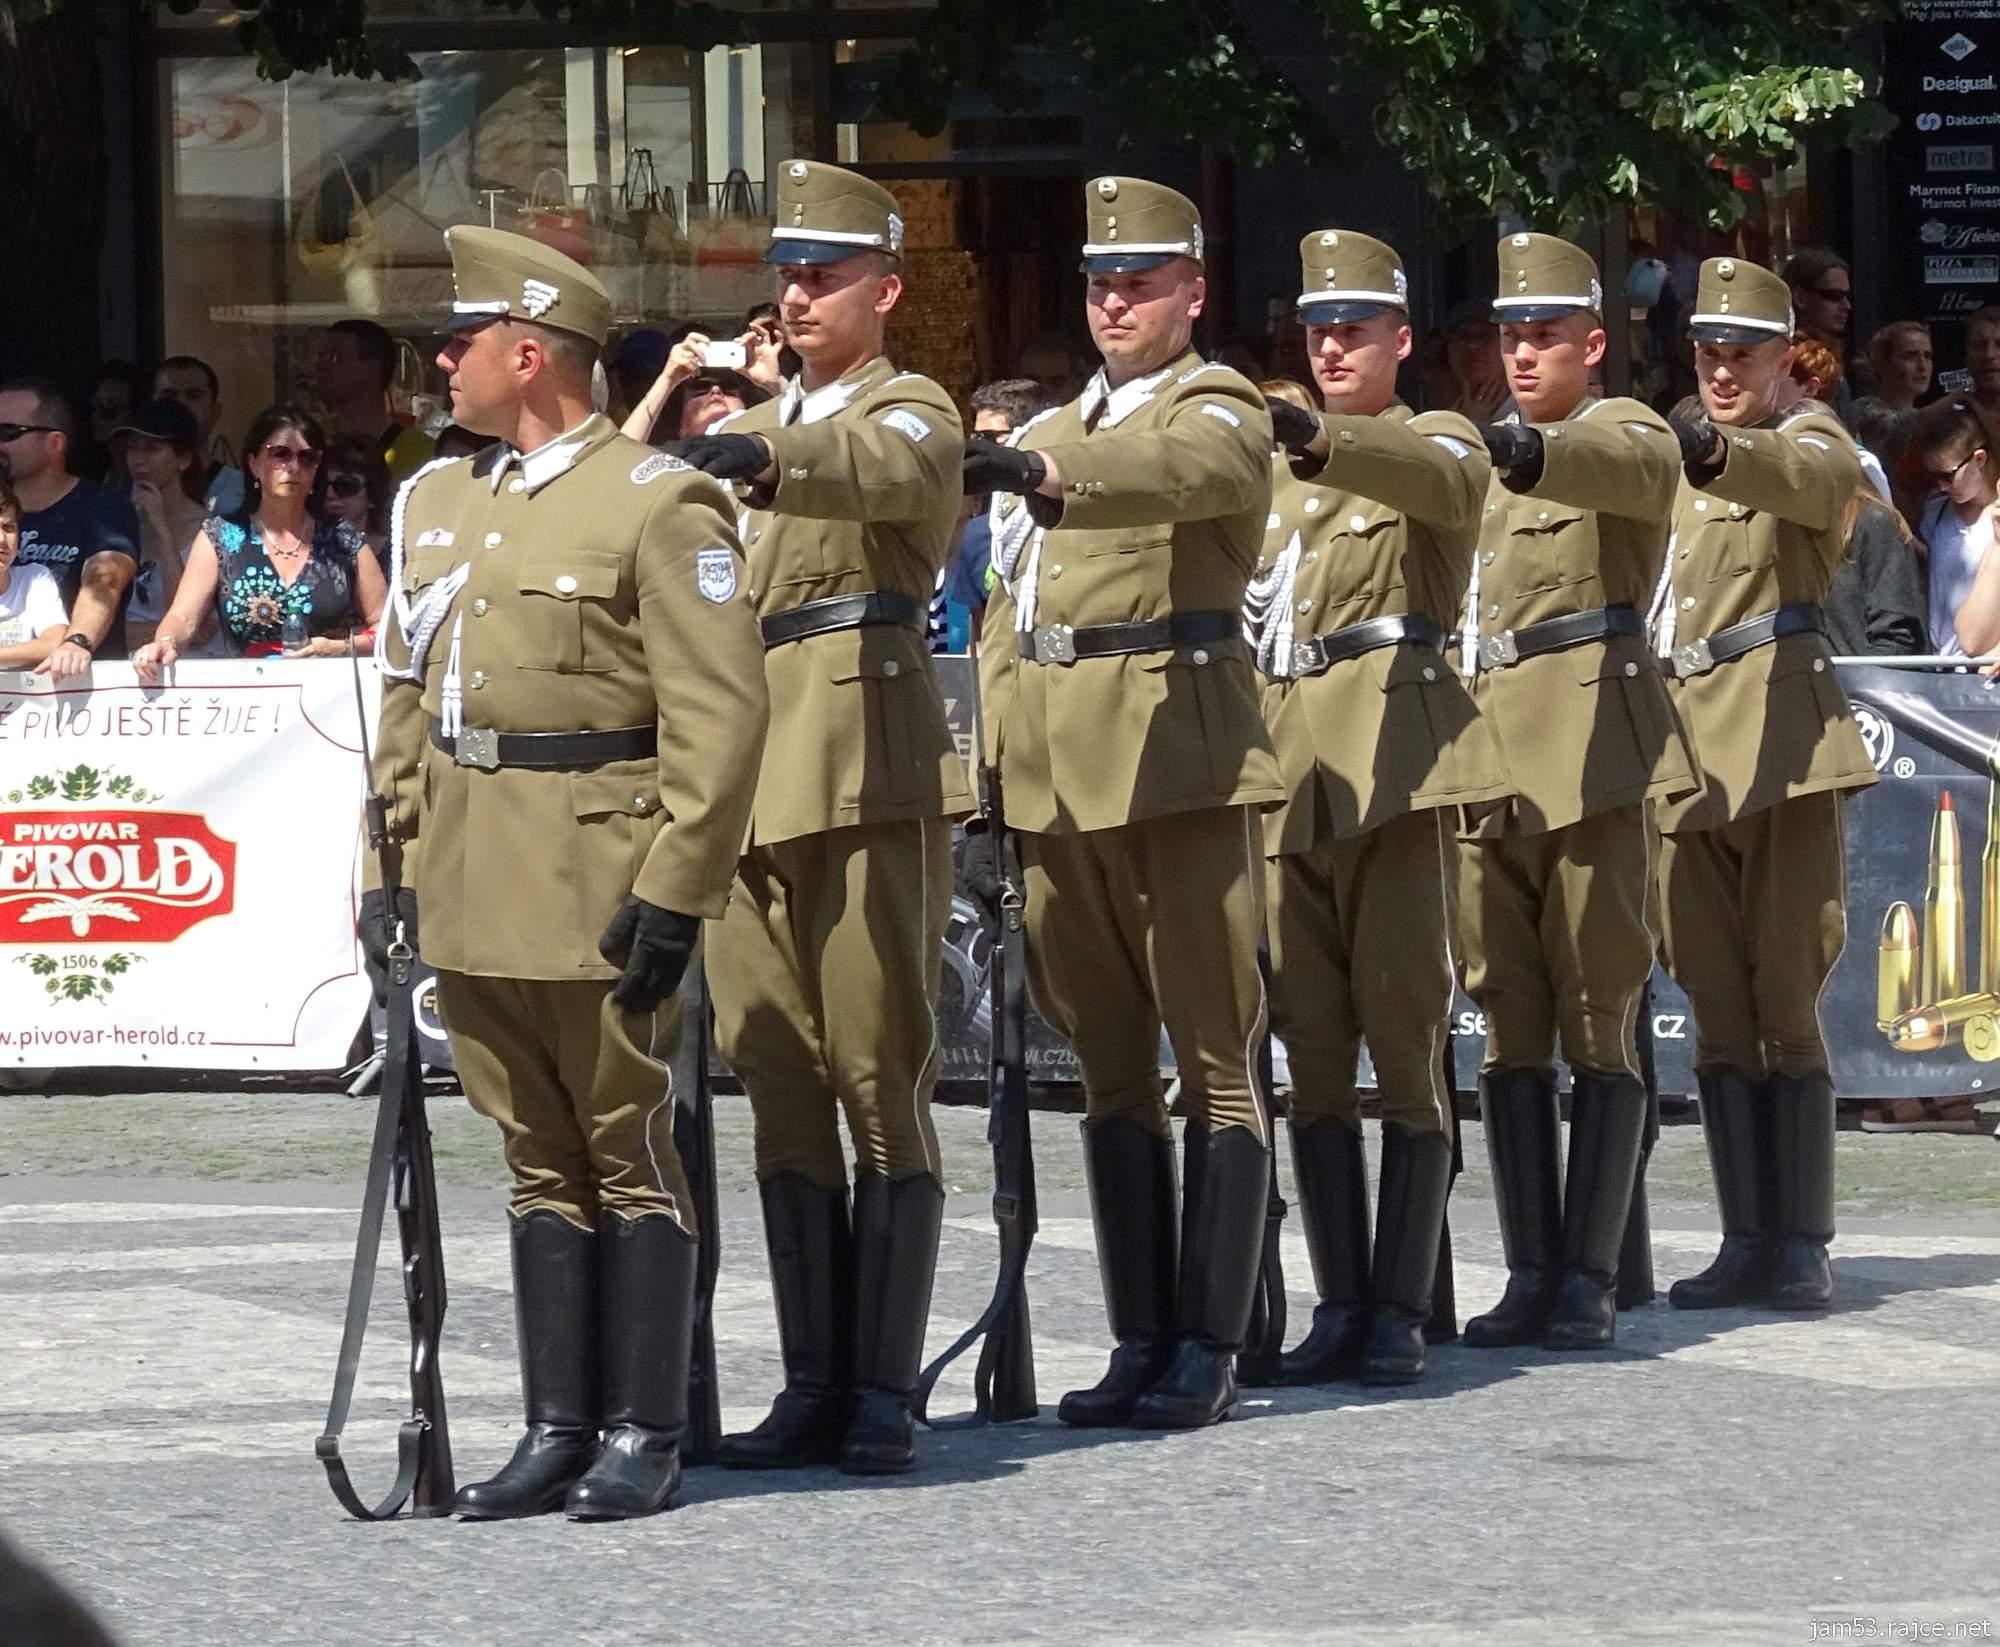 16-06-23_113_Praha_-_Drill_fest_army.jpg